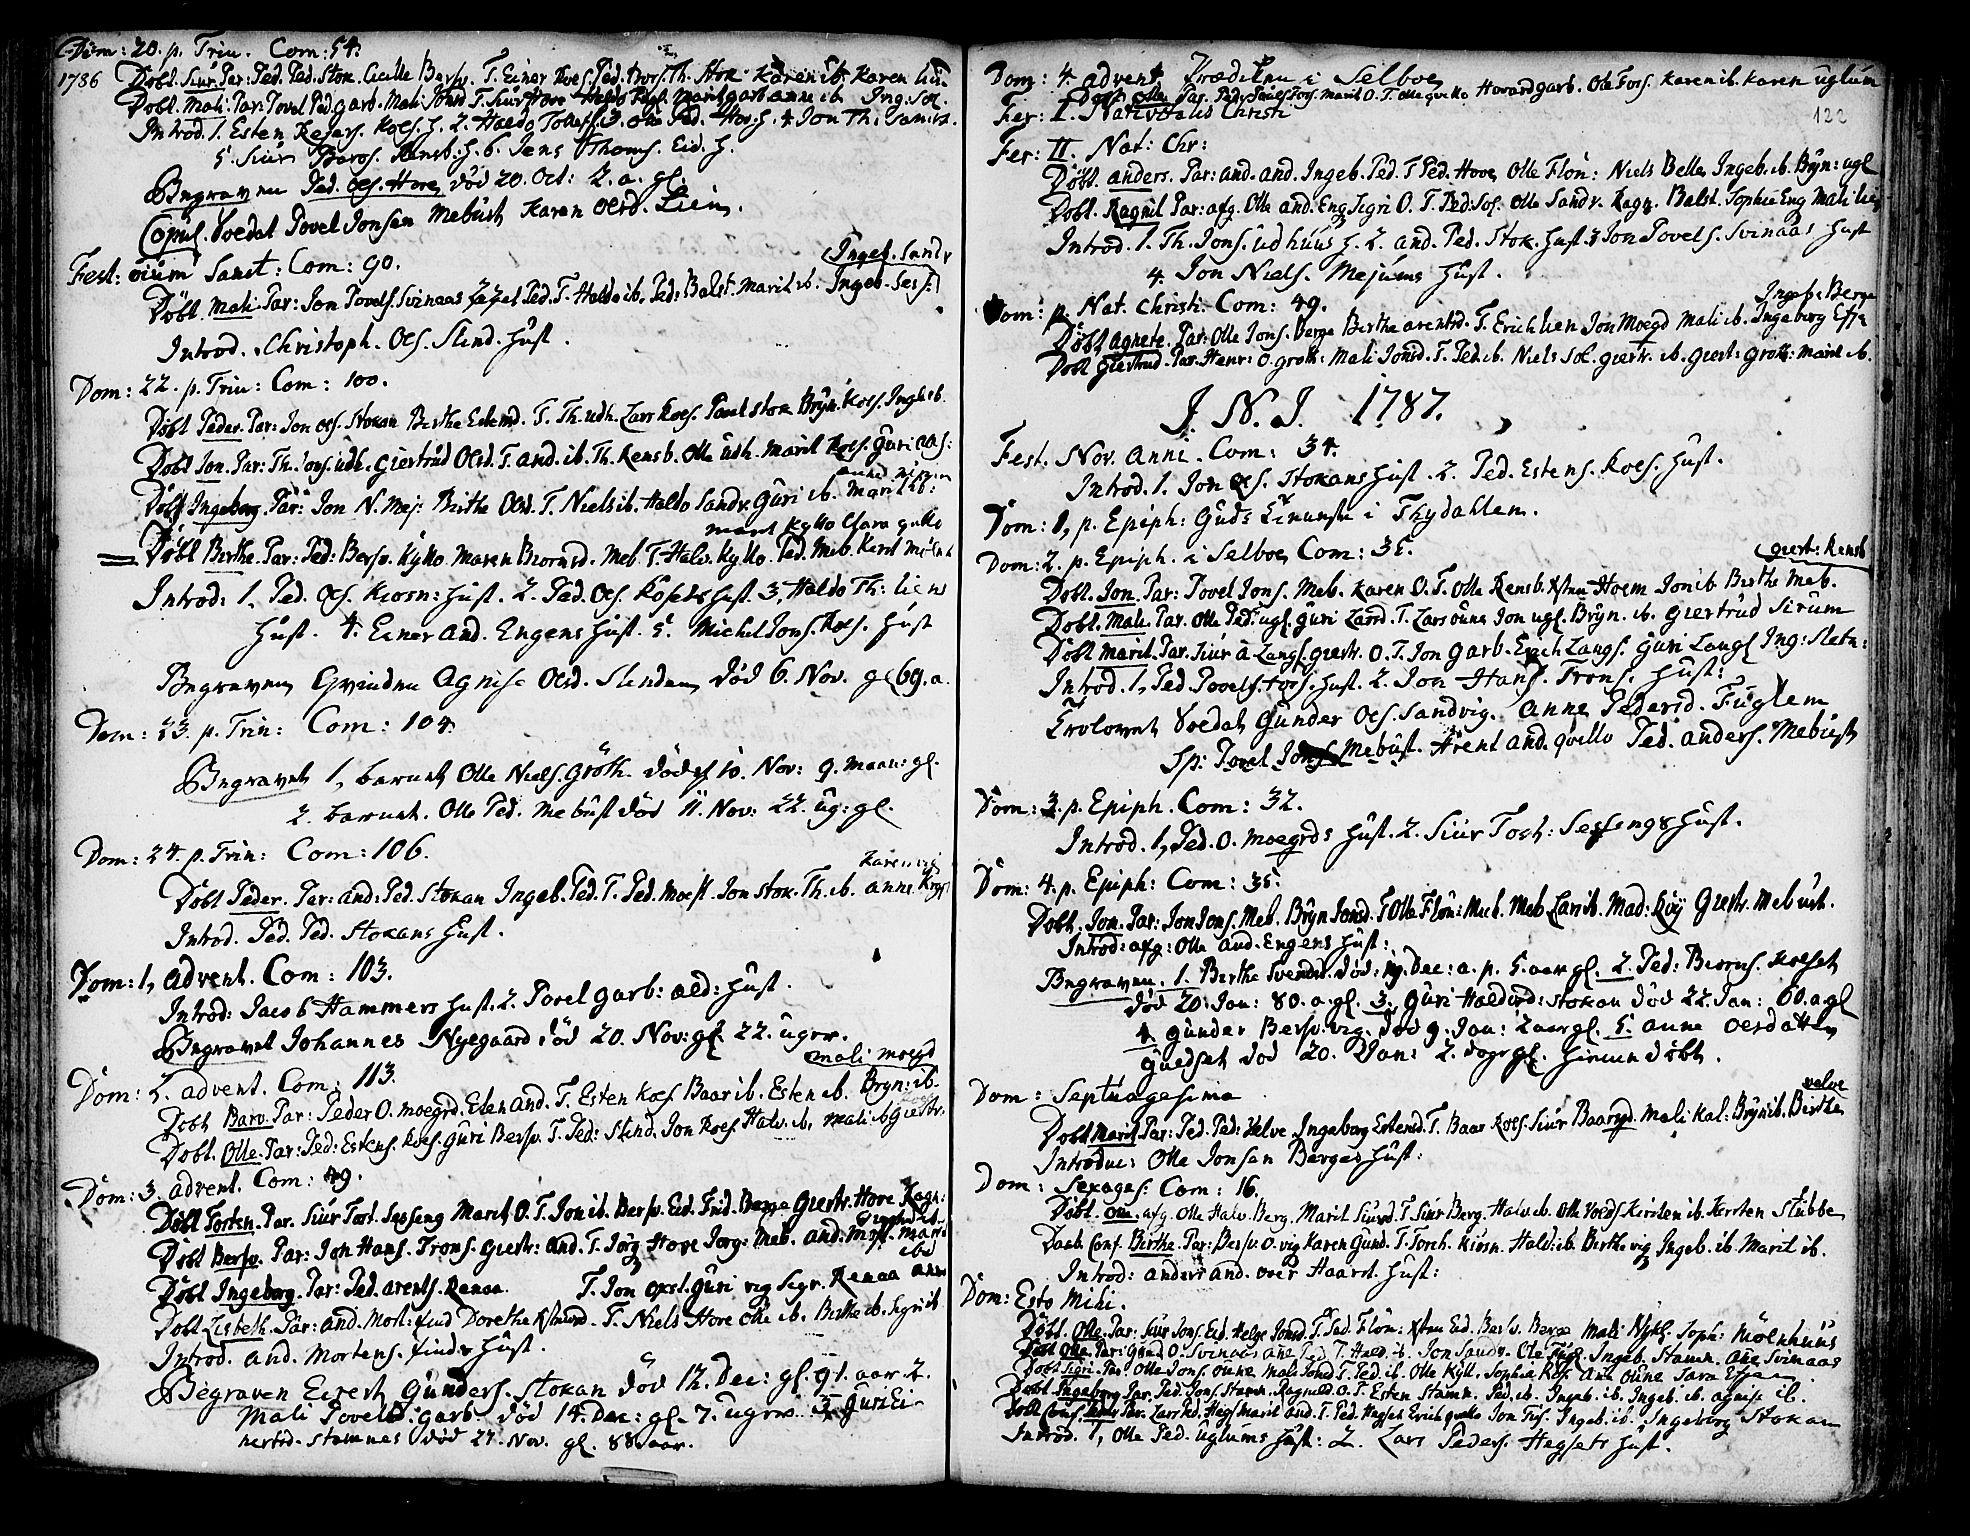 SAT, Ministerialprotokoller, klokkerbøker og fødselsregistre - Sør-Trøndelag, 695/L1138: Ministerialbok nr. 695A02 /1, 1757-1801, s. 122